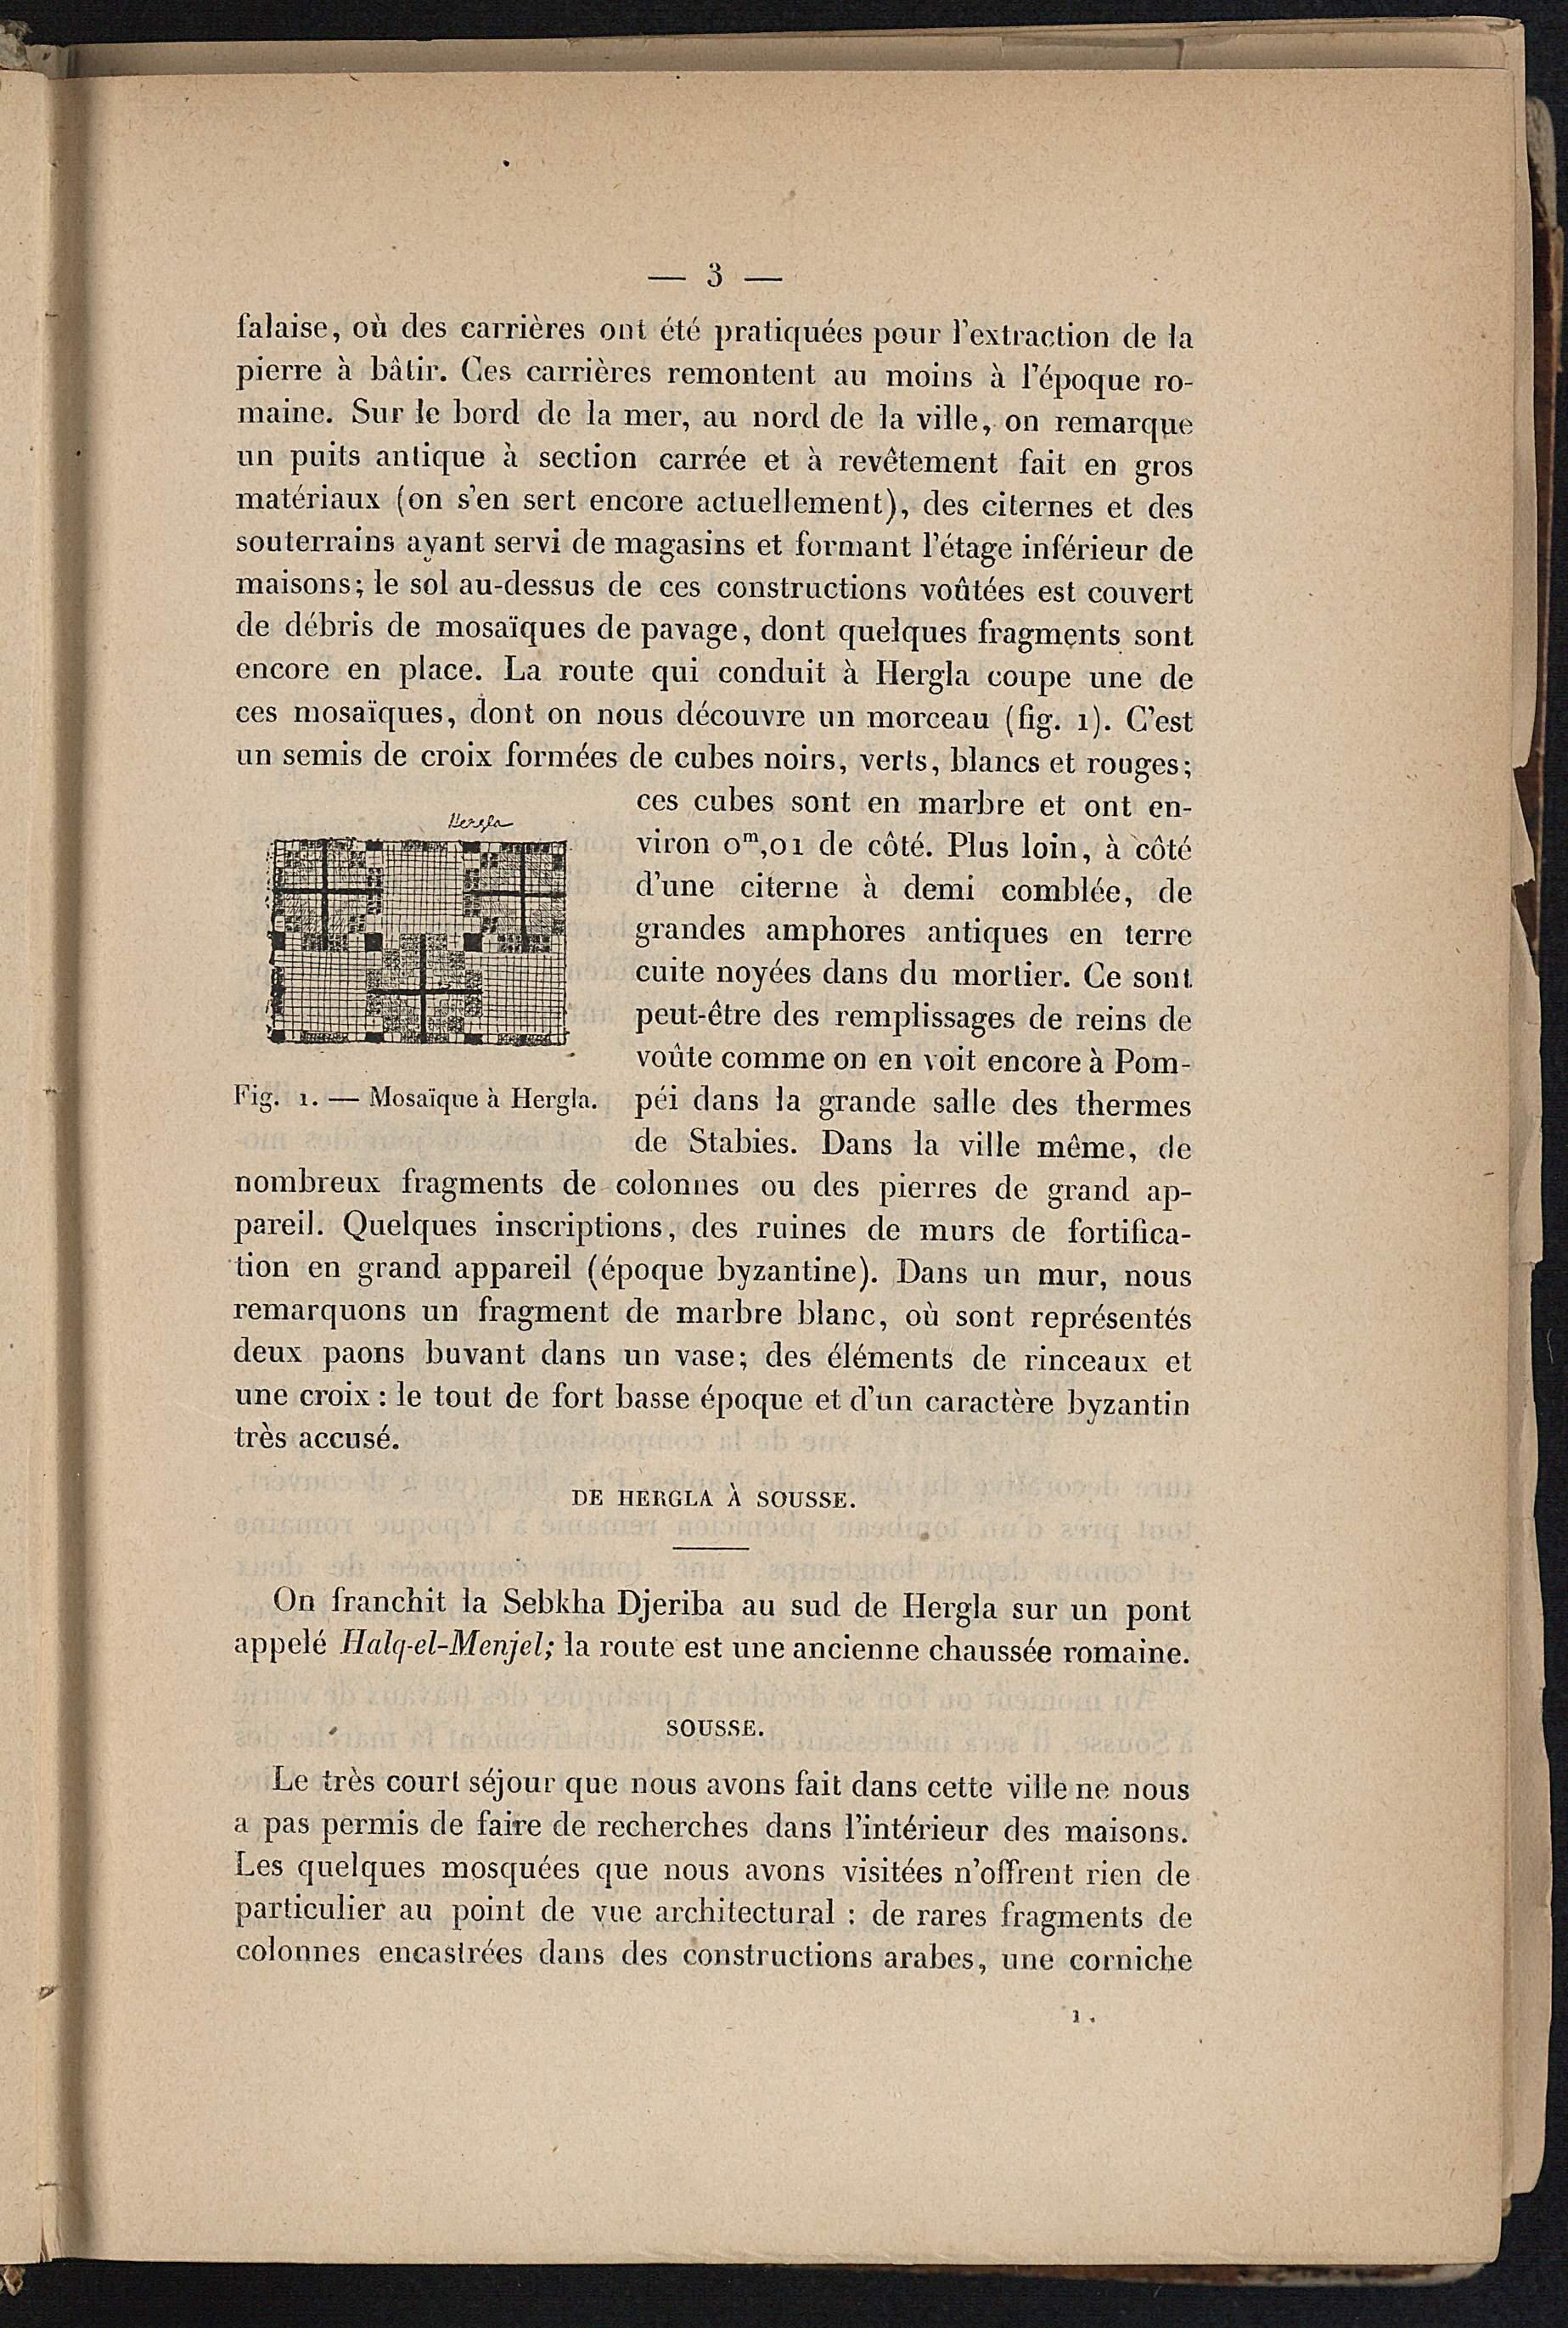 Index Of Images Stichwerke Book Zid1326607